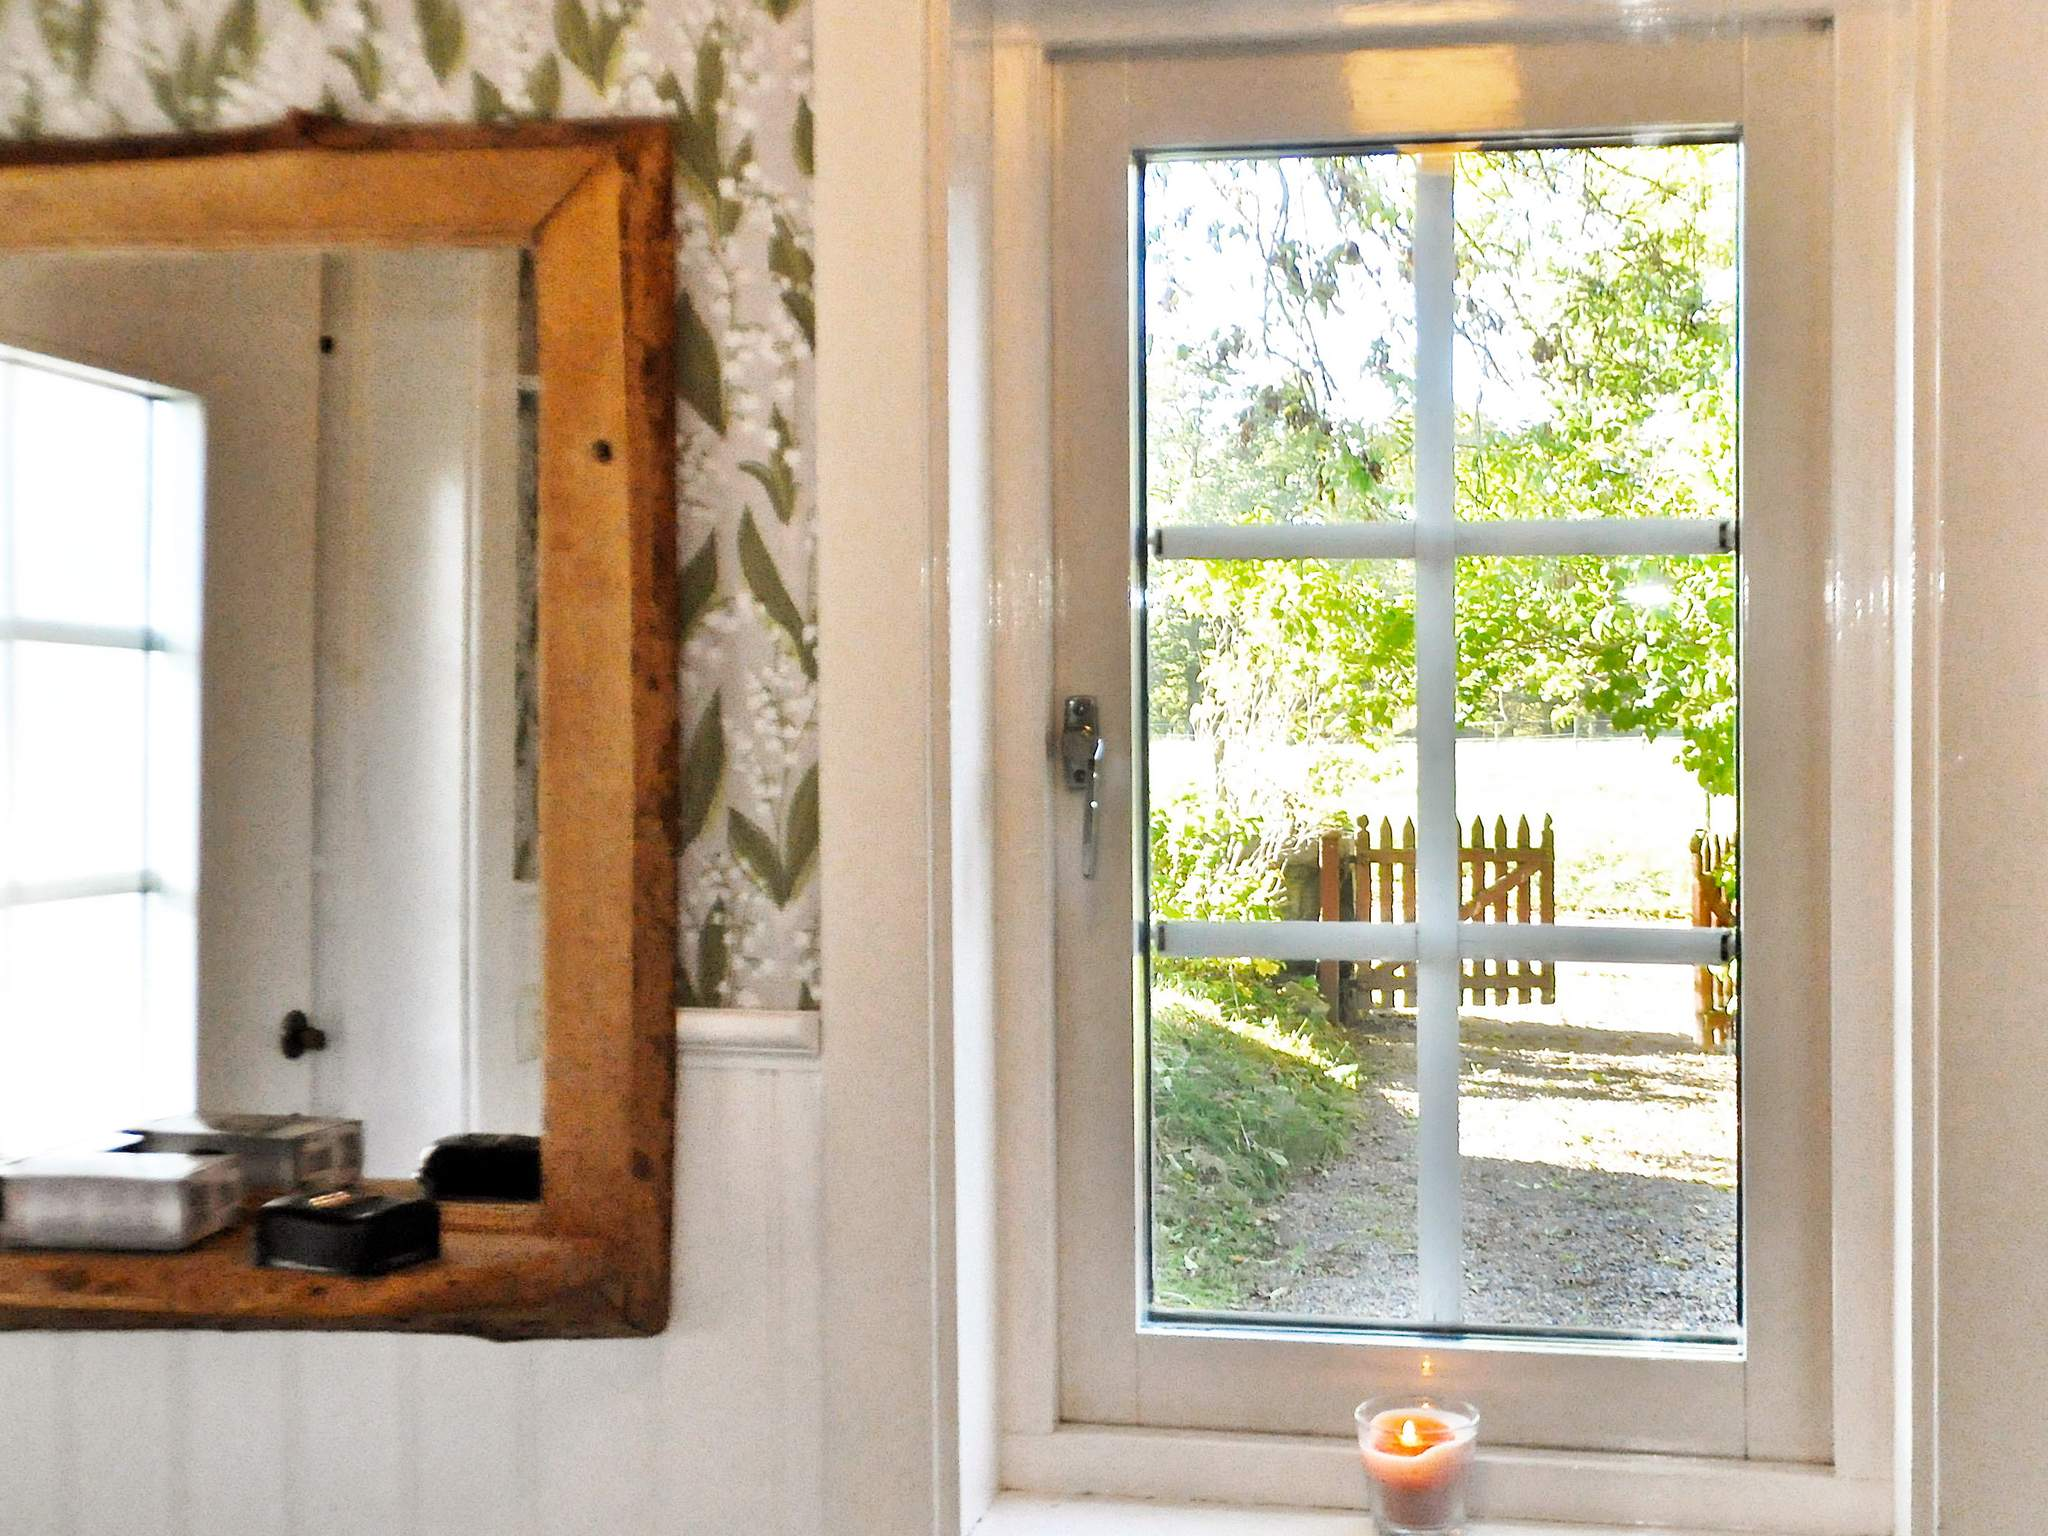 Ferienhaus Vargön (1726332), Vargön, Västra Götaland län, Westschweden, Schweden, Bild 5